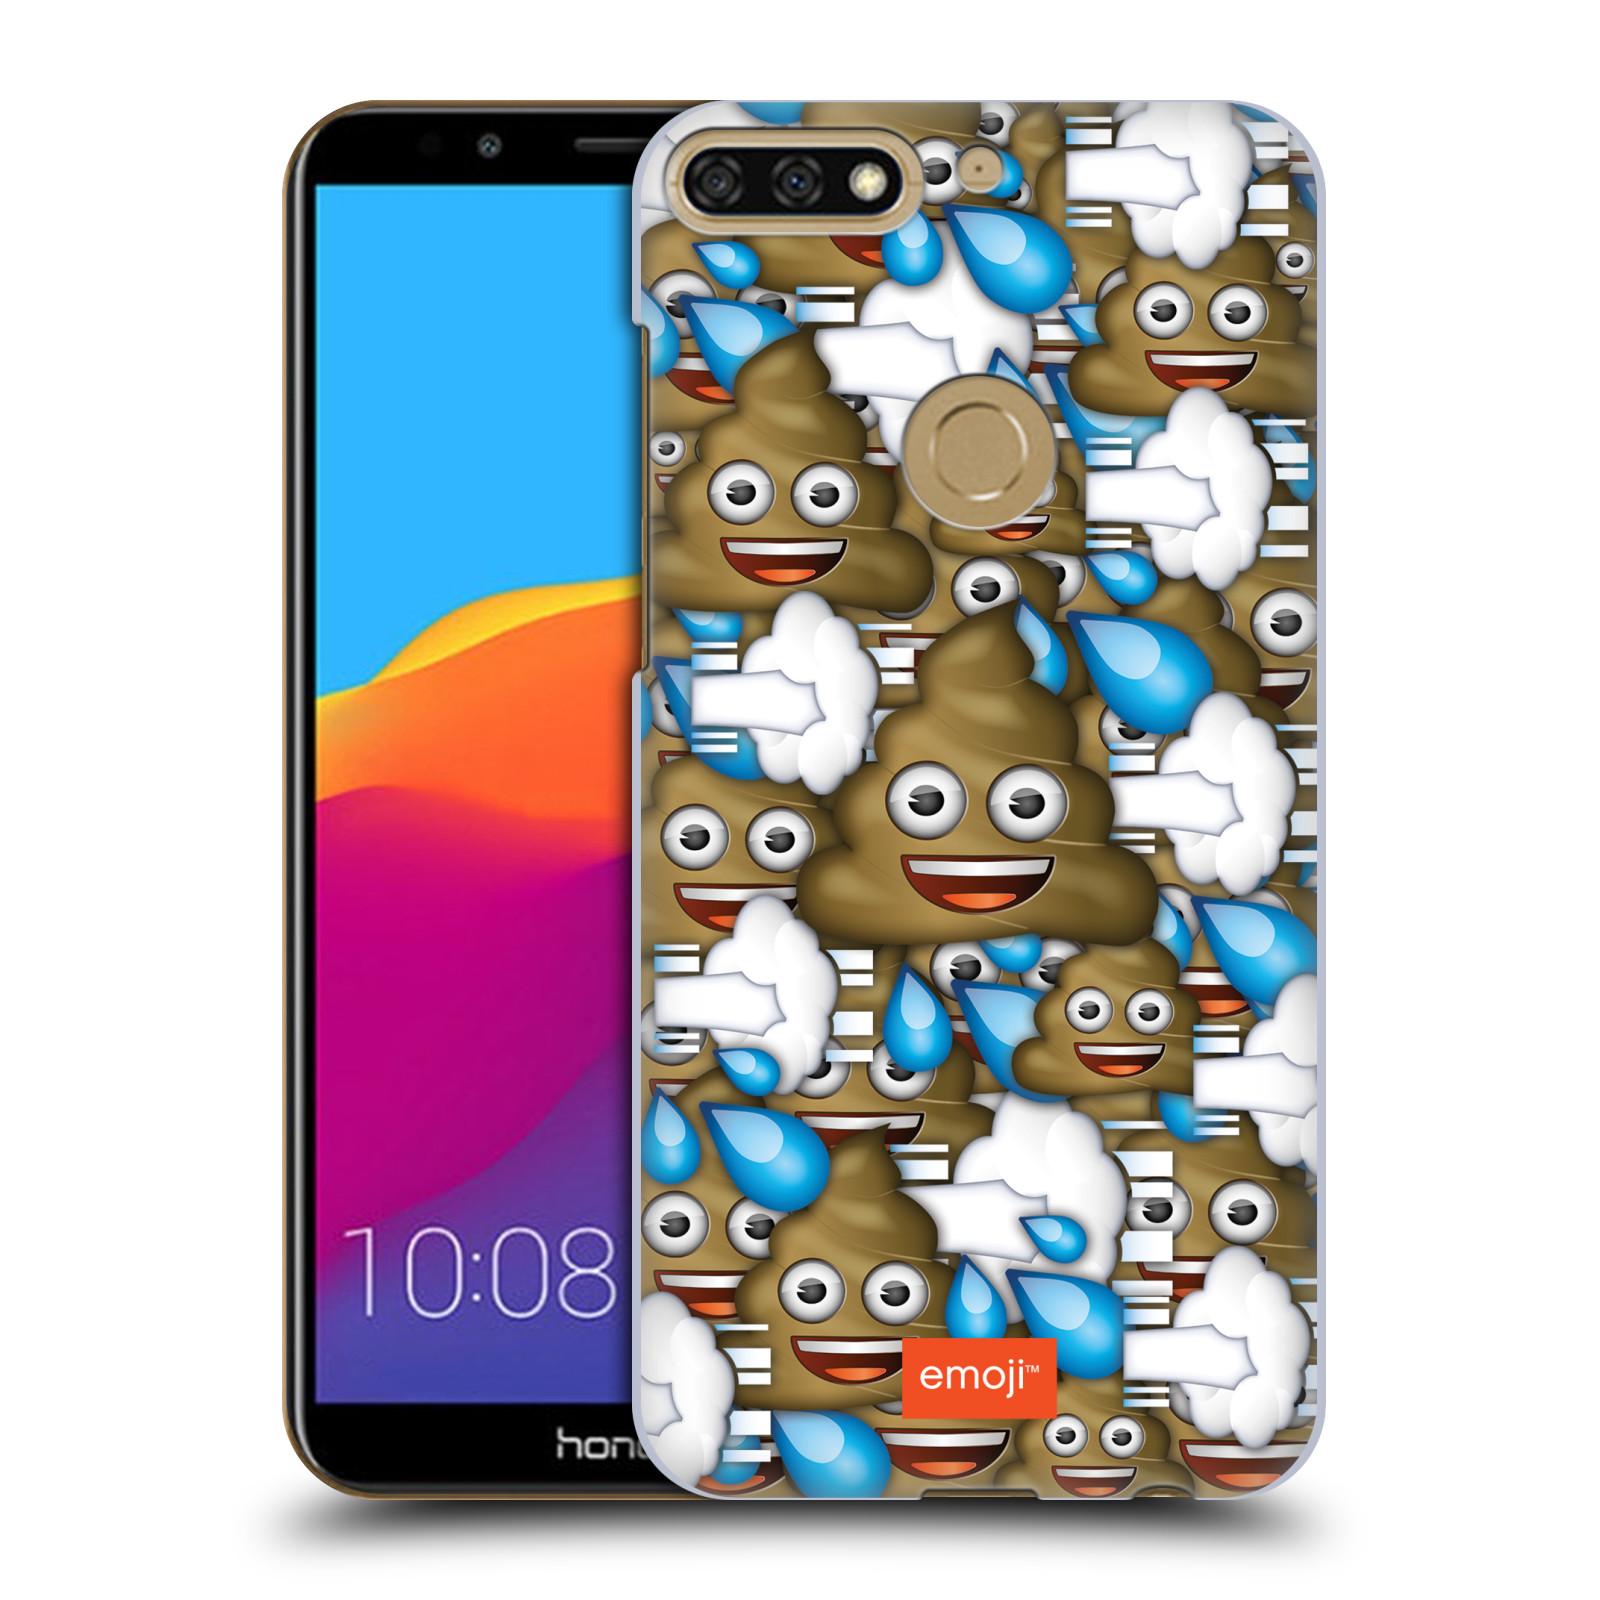 Plastové pouzdro na mobil Huawei Y7 Prime 2018 - Head Case - EMOJI - Hovínka a prdíky